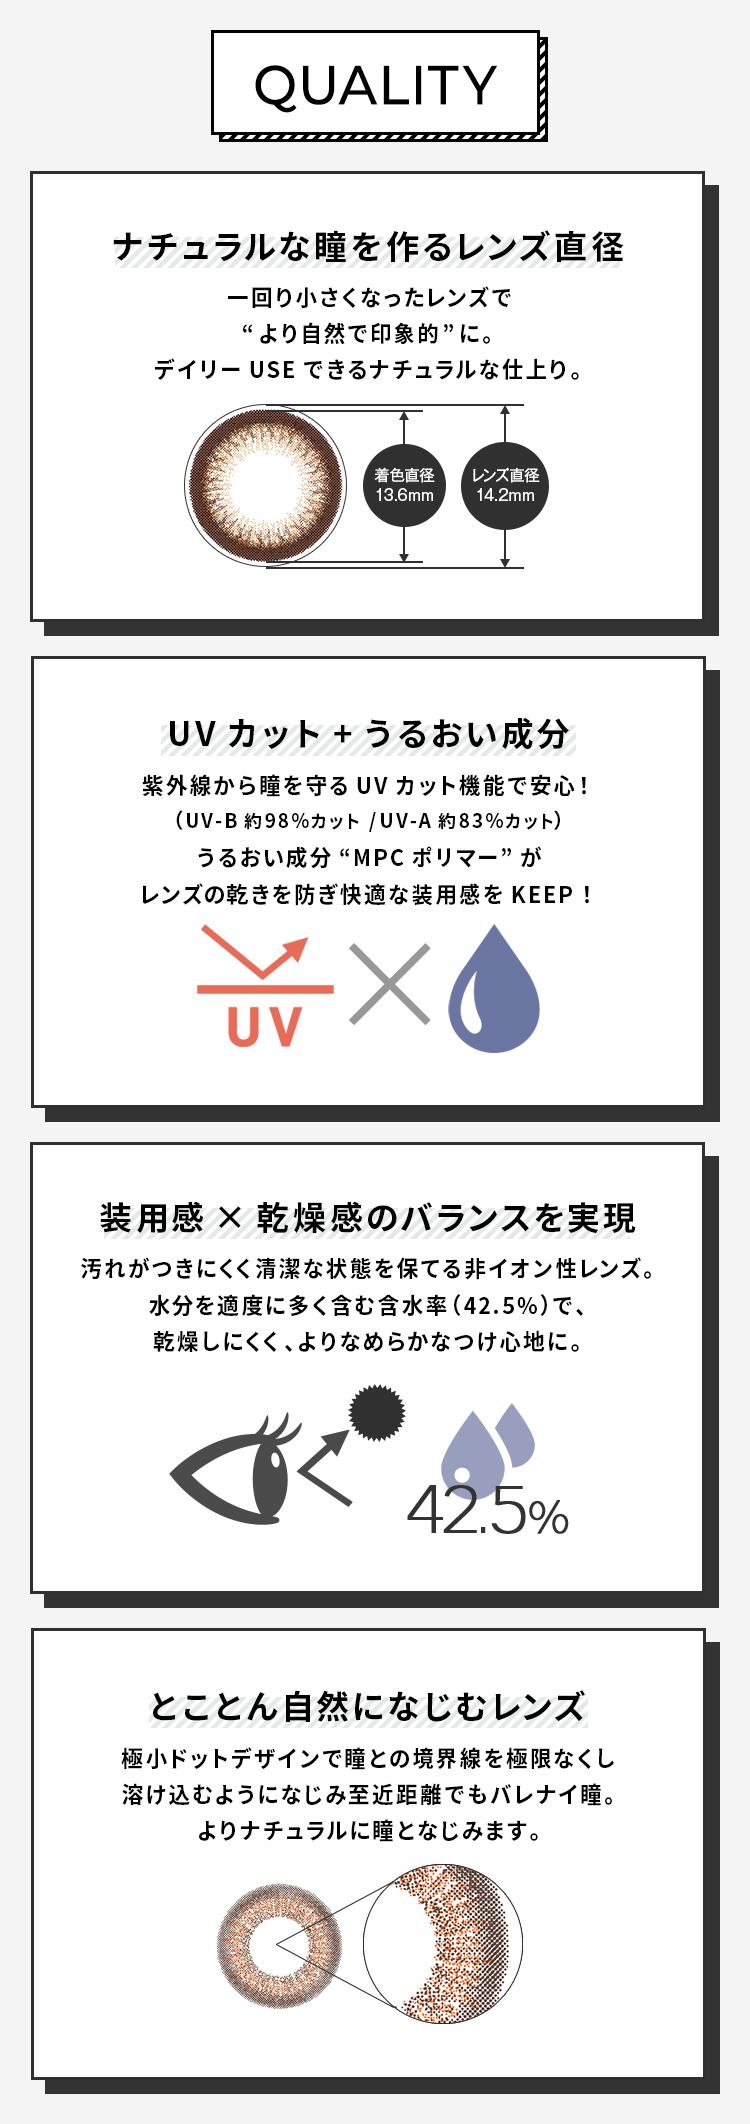 """Love Holic 1day -ラブホリックワンデー 【QUALITY】 [ナチュラルな瞳を作るレンズ直径 一回り小さくなったレンズで""""より自然で印象的""""に。デイリーUSEできるナチュラルな仕上がり。 (着色直径13.6㎜)(レンズ直径14.2㎜)] [UVカット+うるおい成分 紫外線から瞳を守るUVカット機能で安心!(UV-B約98%カット/UV-A約83%カット) うるおい成分""""Mspポリマー""""がレンズの乾きを防ぎ快適な装用感をKEEP!] [装用感×乾燥感のバランスを実現 汚れがつきにくく清潔な状態を保てる非イオン性レンズ。水分を適度に多く含む含水率(42.5%)で、乾燥しにくく、よりなめらかなつけ心地に。] [とことん自然になじむレンズ 極小ドットデザインで瞳との境界線をなくし溶け込むようになじみ至近距離でもバレナイ瞳。よりナチュラルに瞳となじみます。]"""